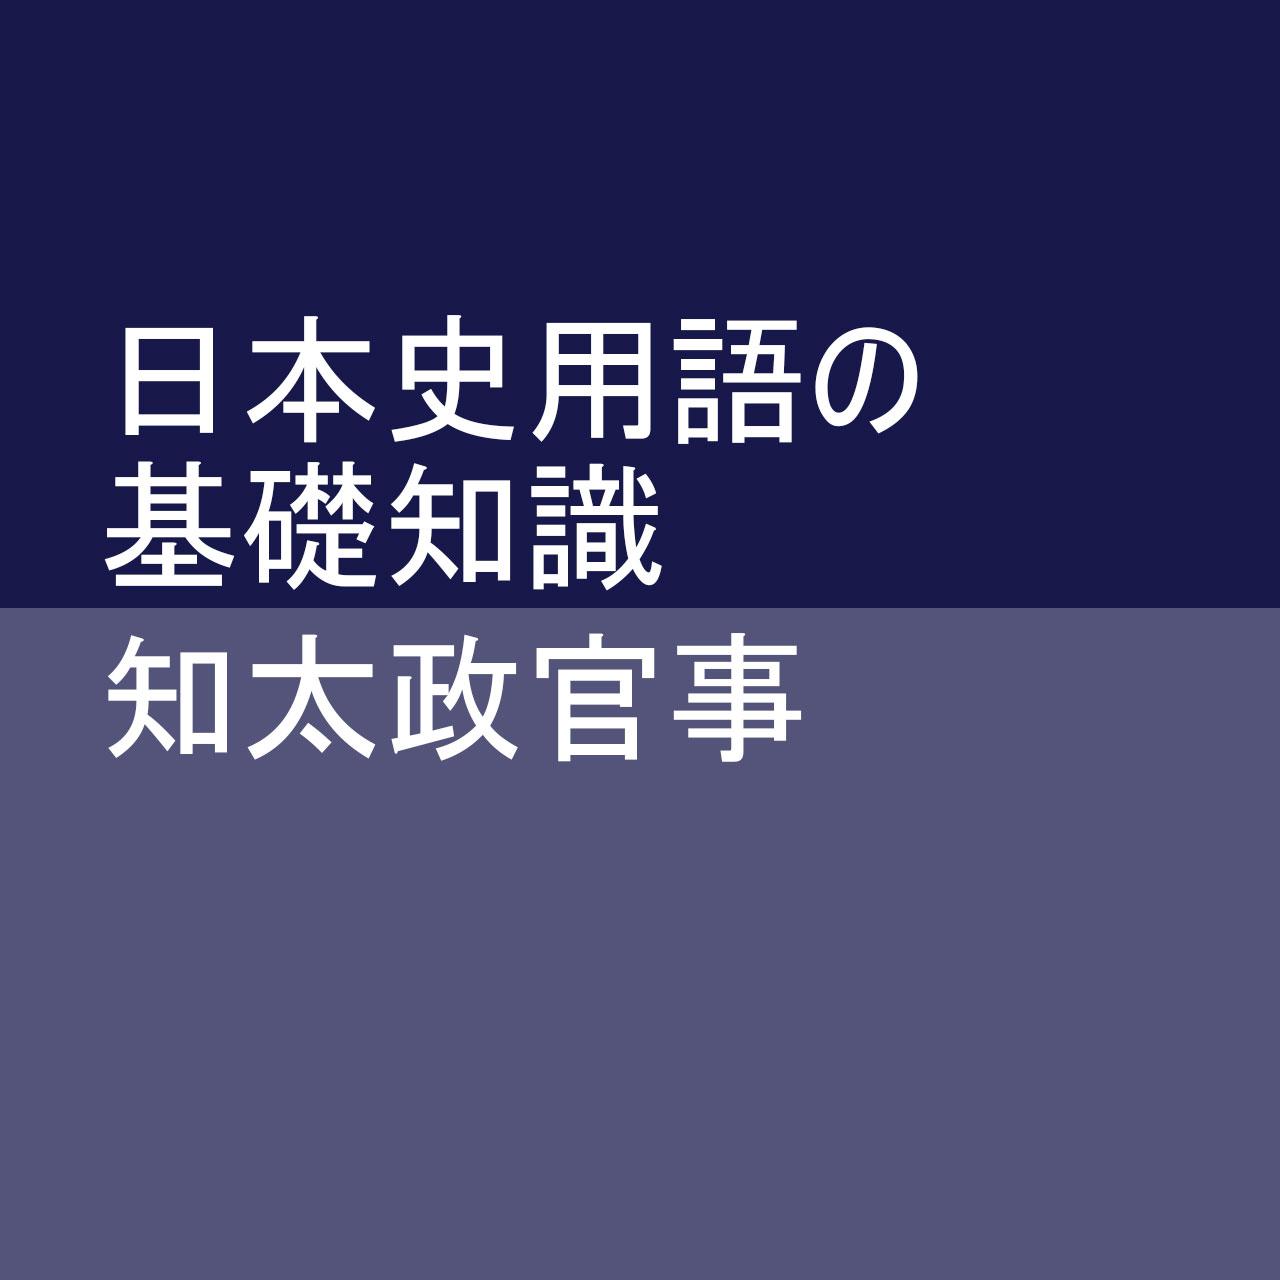 知太政官事